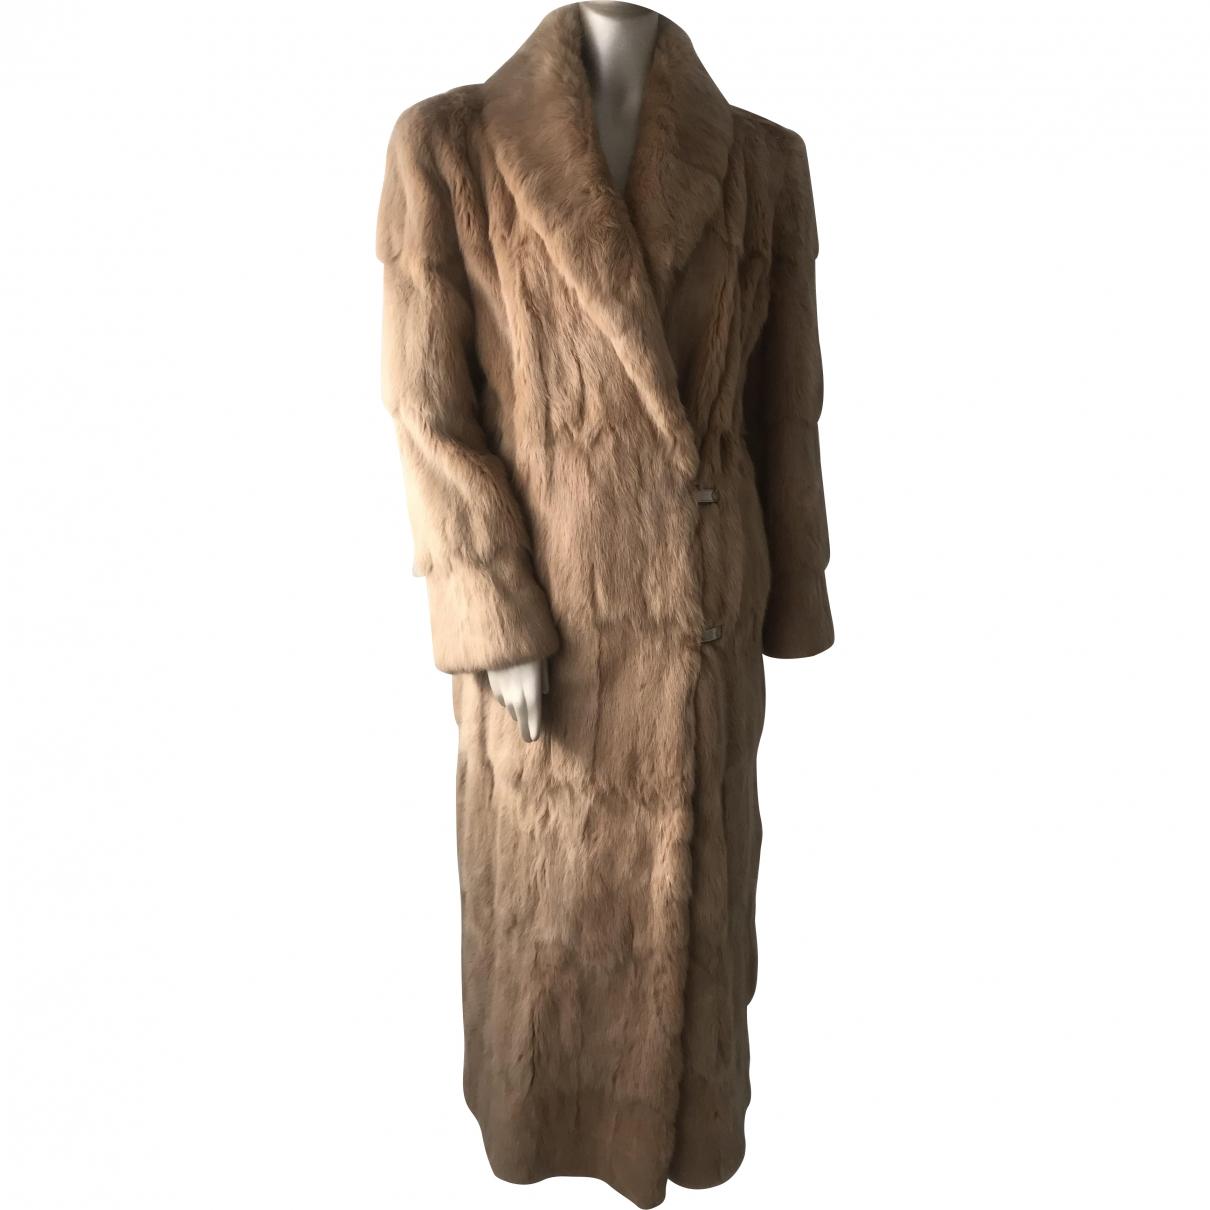 Gianni Versace \N Beige Rabbit coat for Women 40 IT